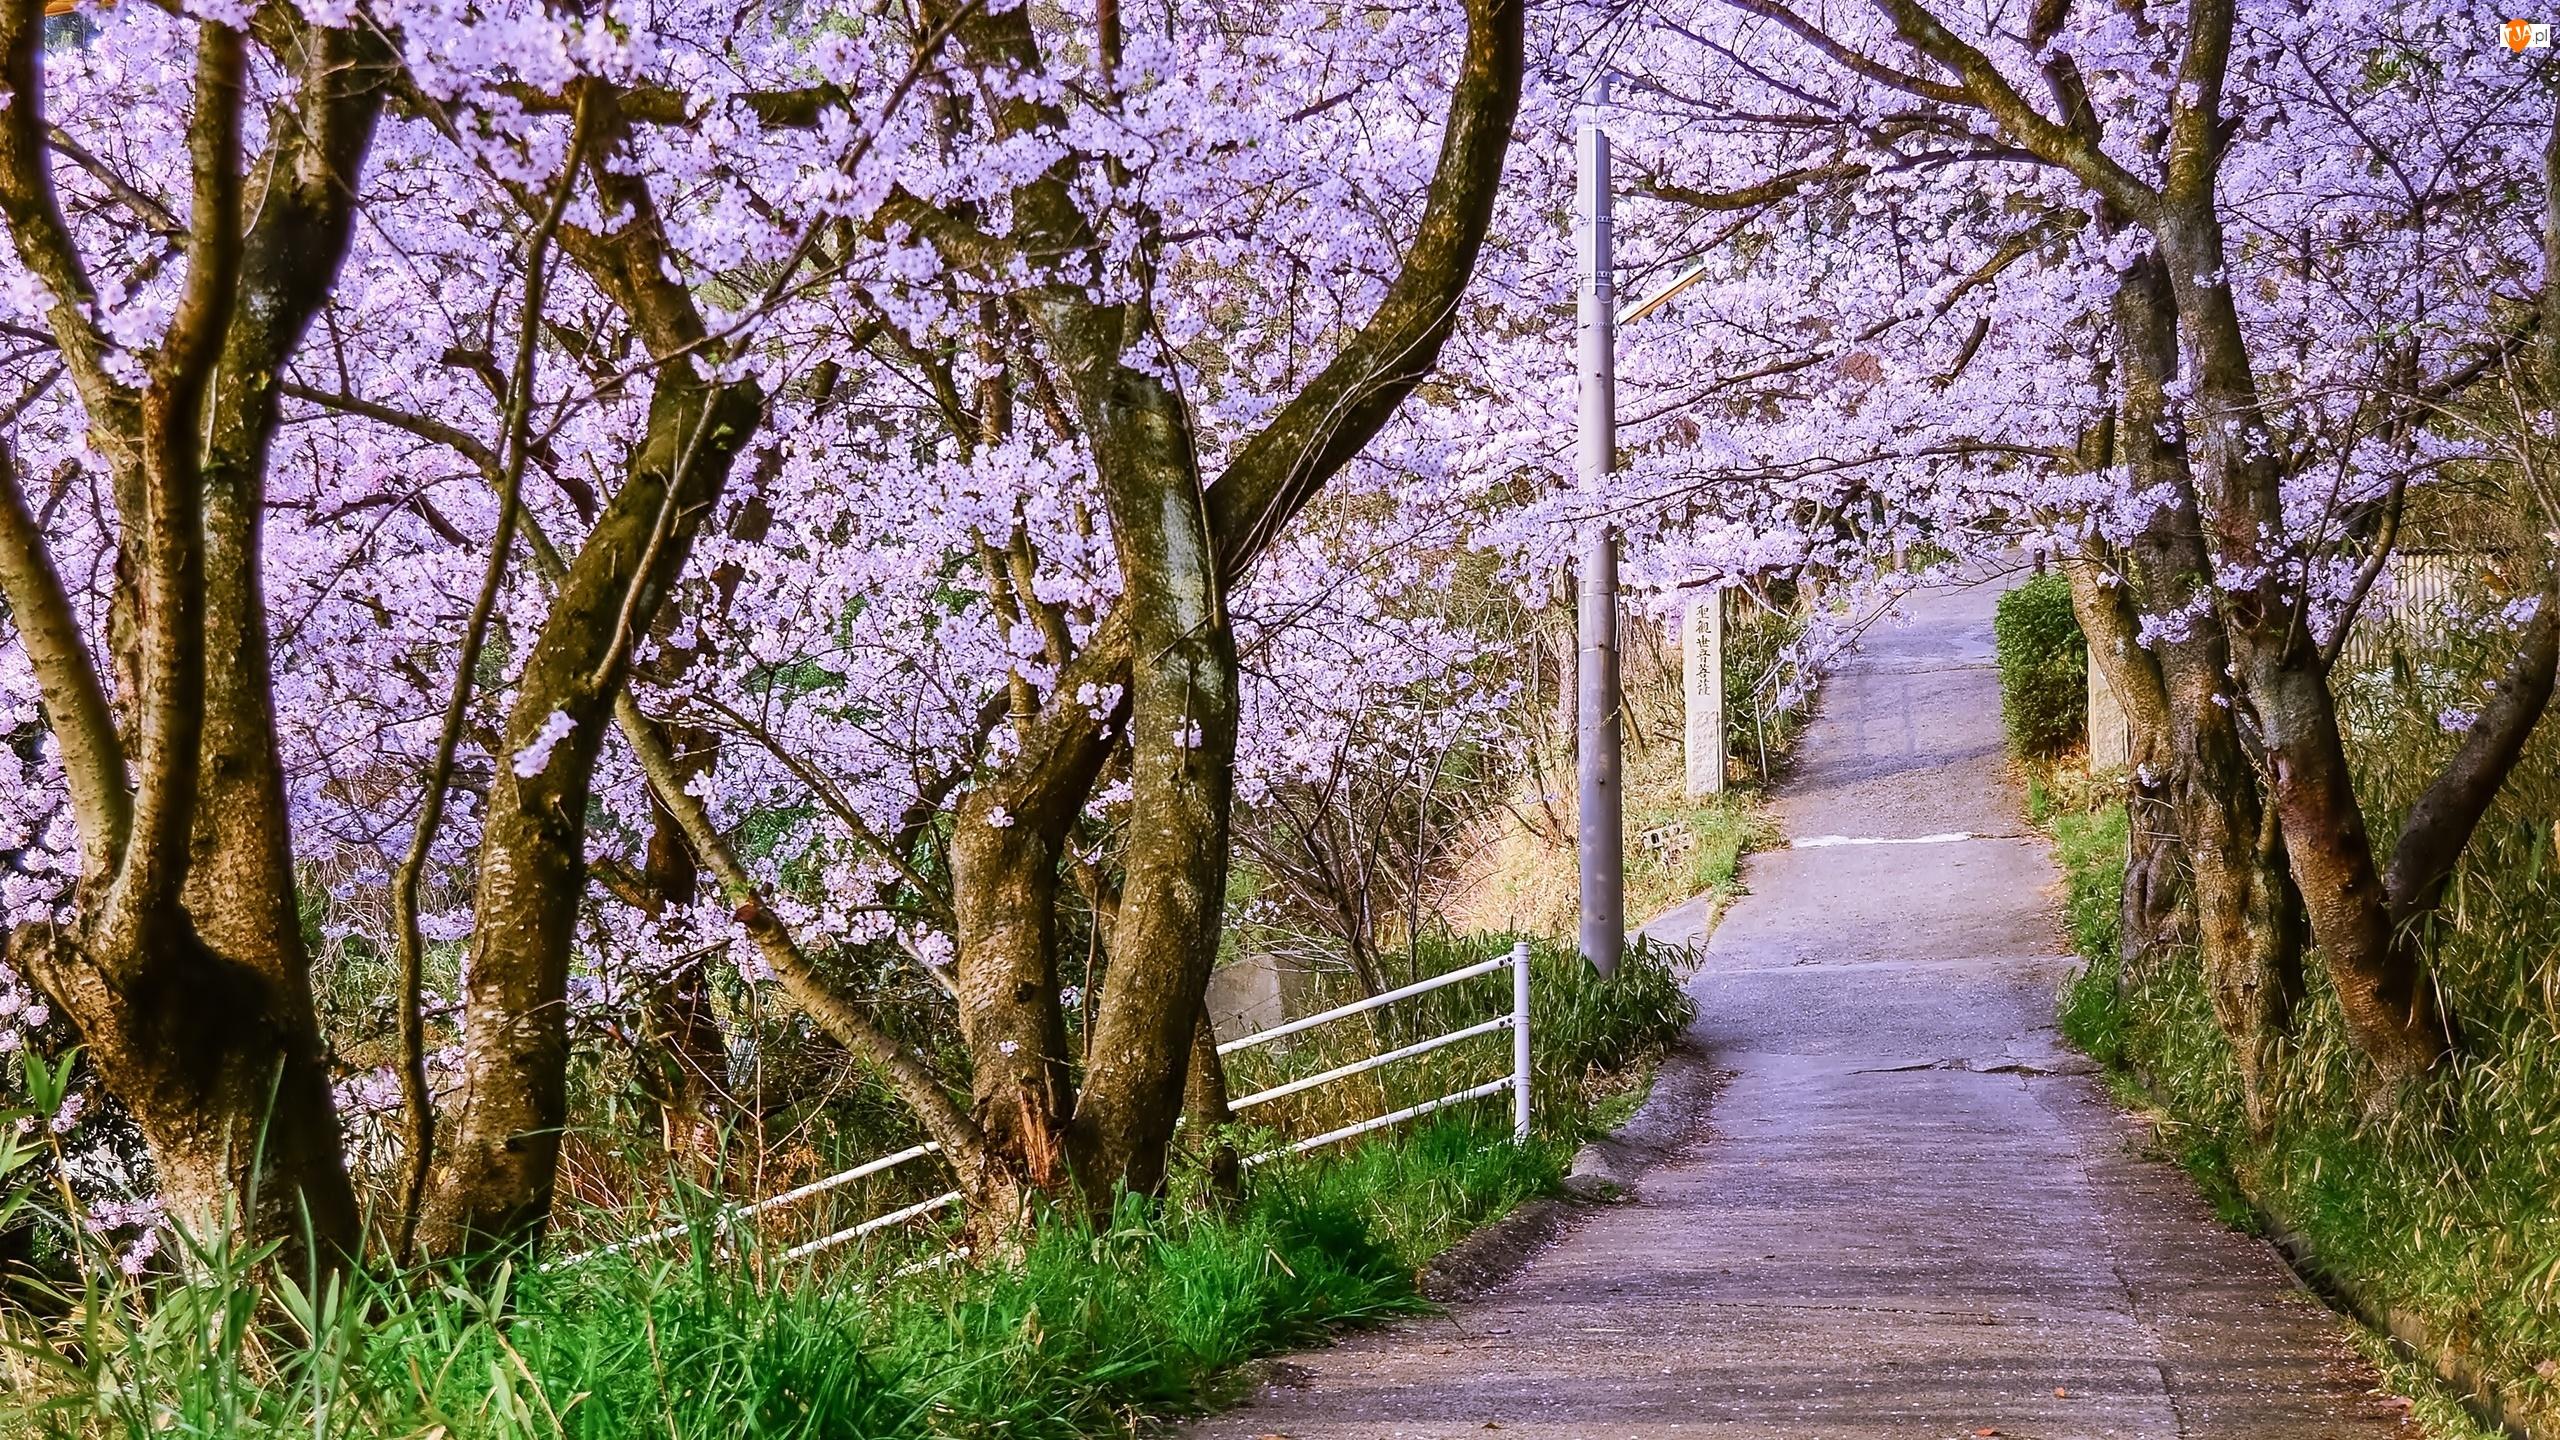 Kwitnące, Wiosna, Drzewa, Droga